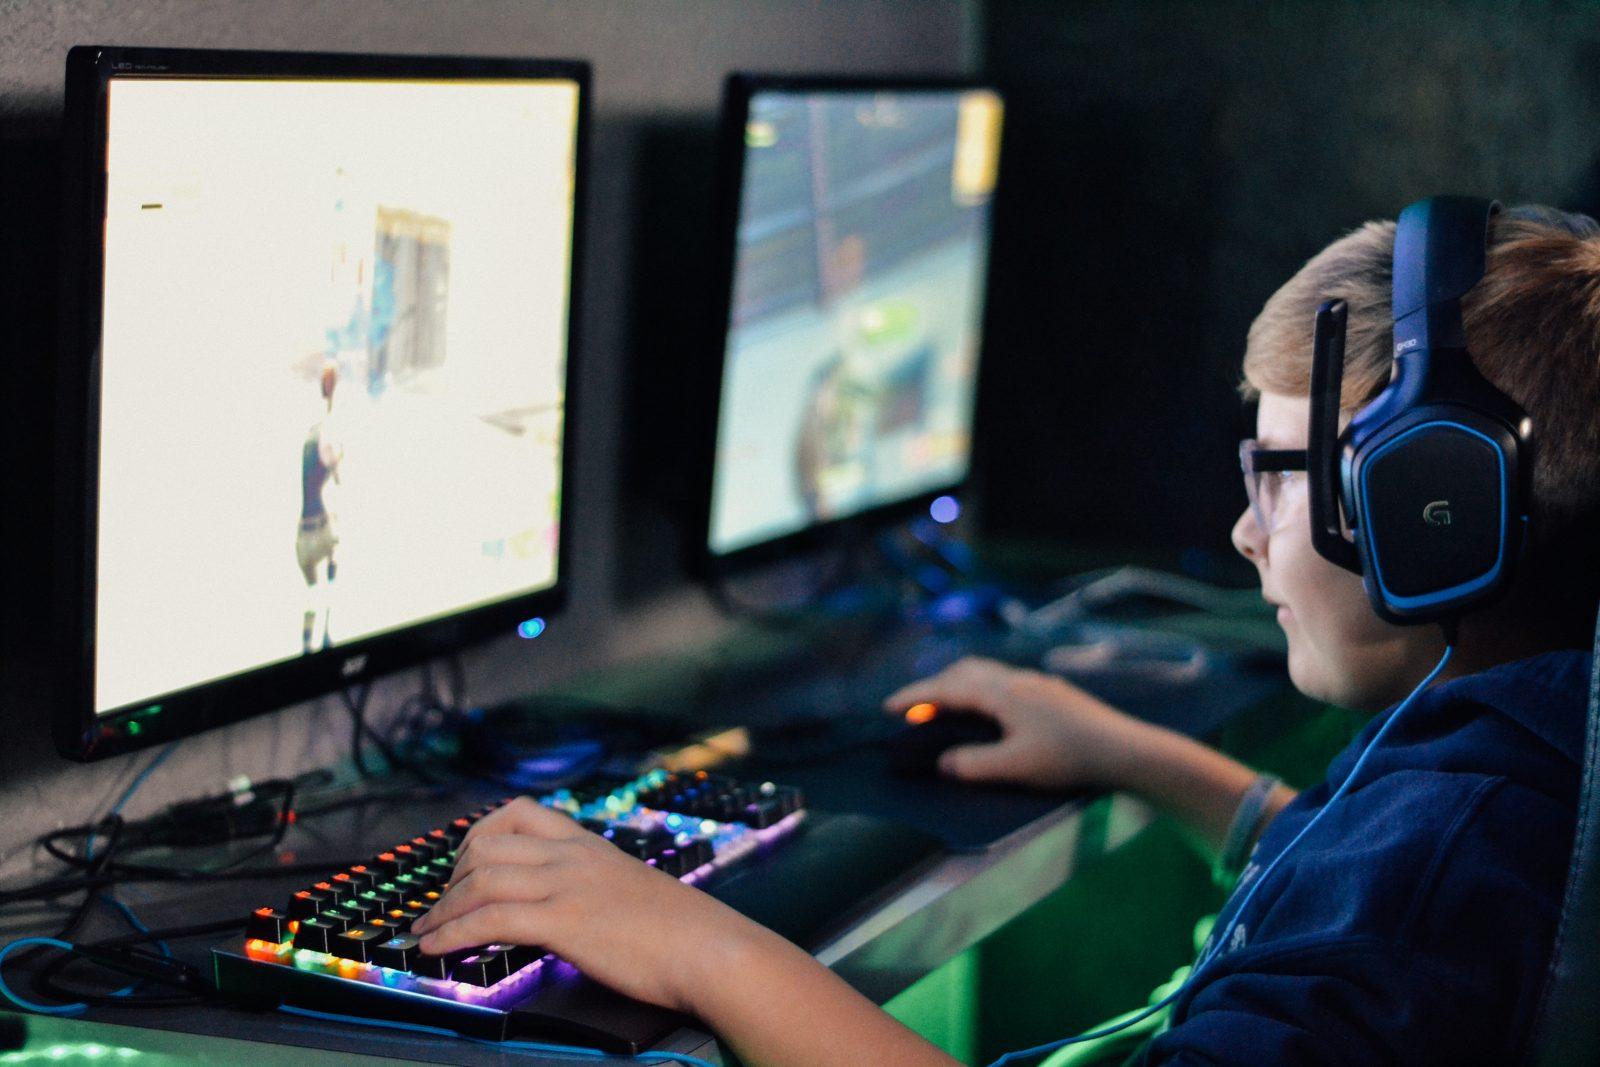 Nuori henkilö pelaa tietokoneella peliä.